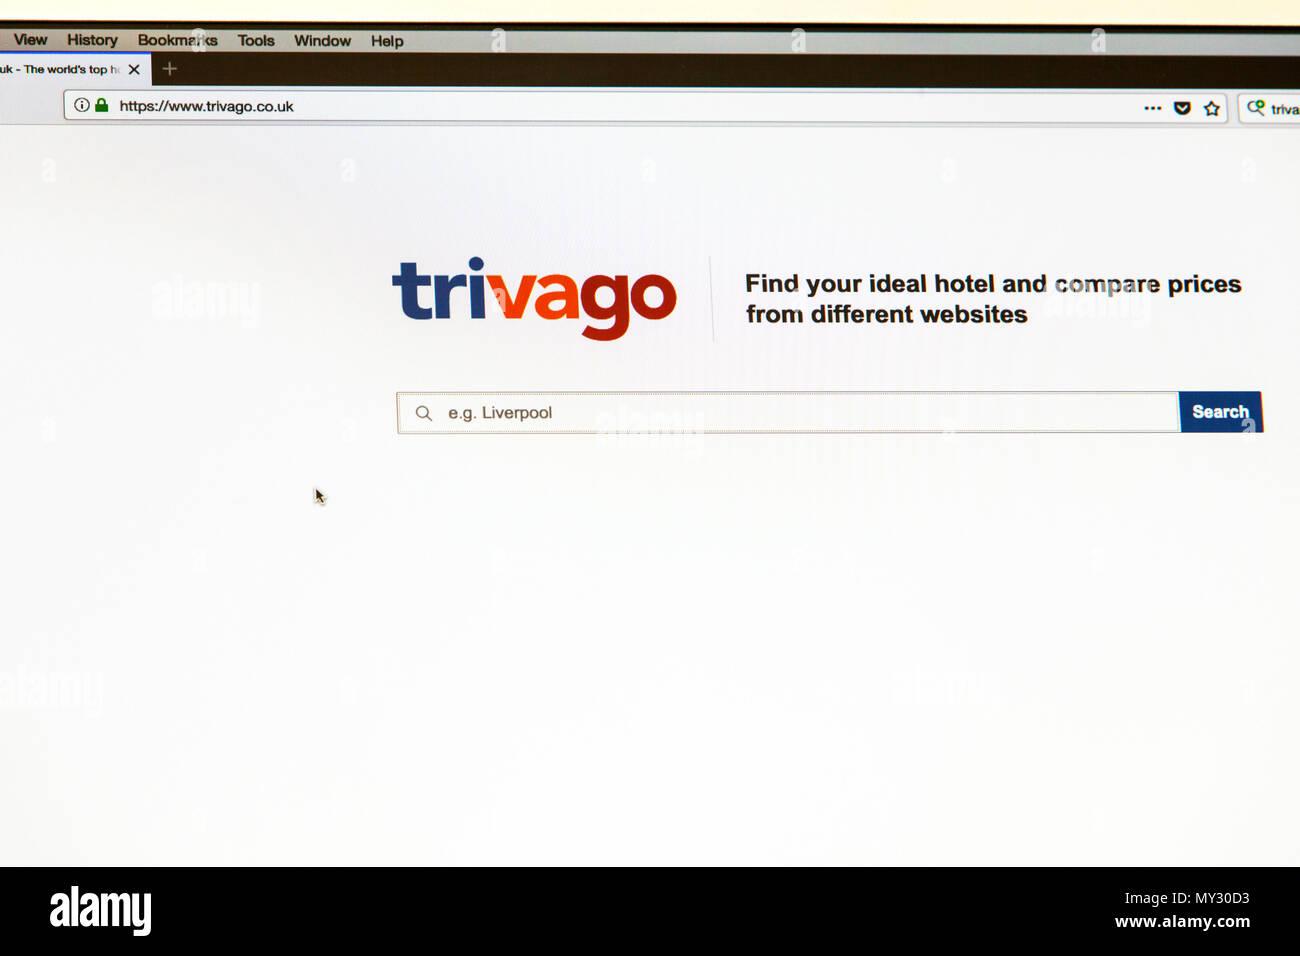 Trivago, Trivago page d'accueil, Trivago hotel site de comparaison de prix, comparateur de prix de l'hôtel, trivago trivago, comparaison de prix, site trivago accueil Photo Stock